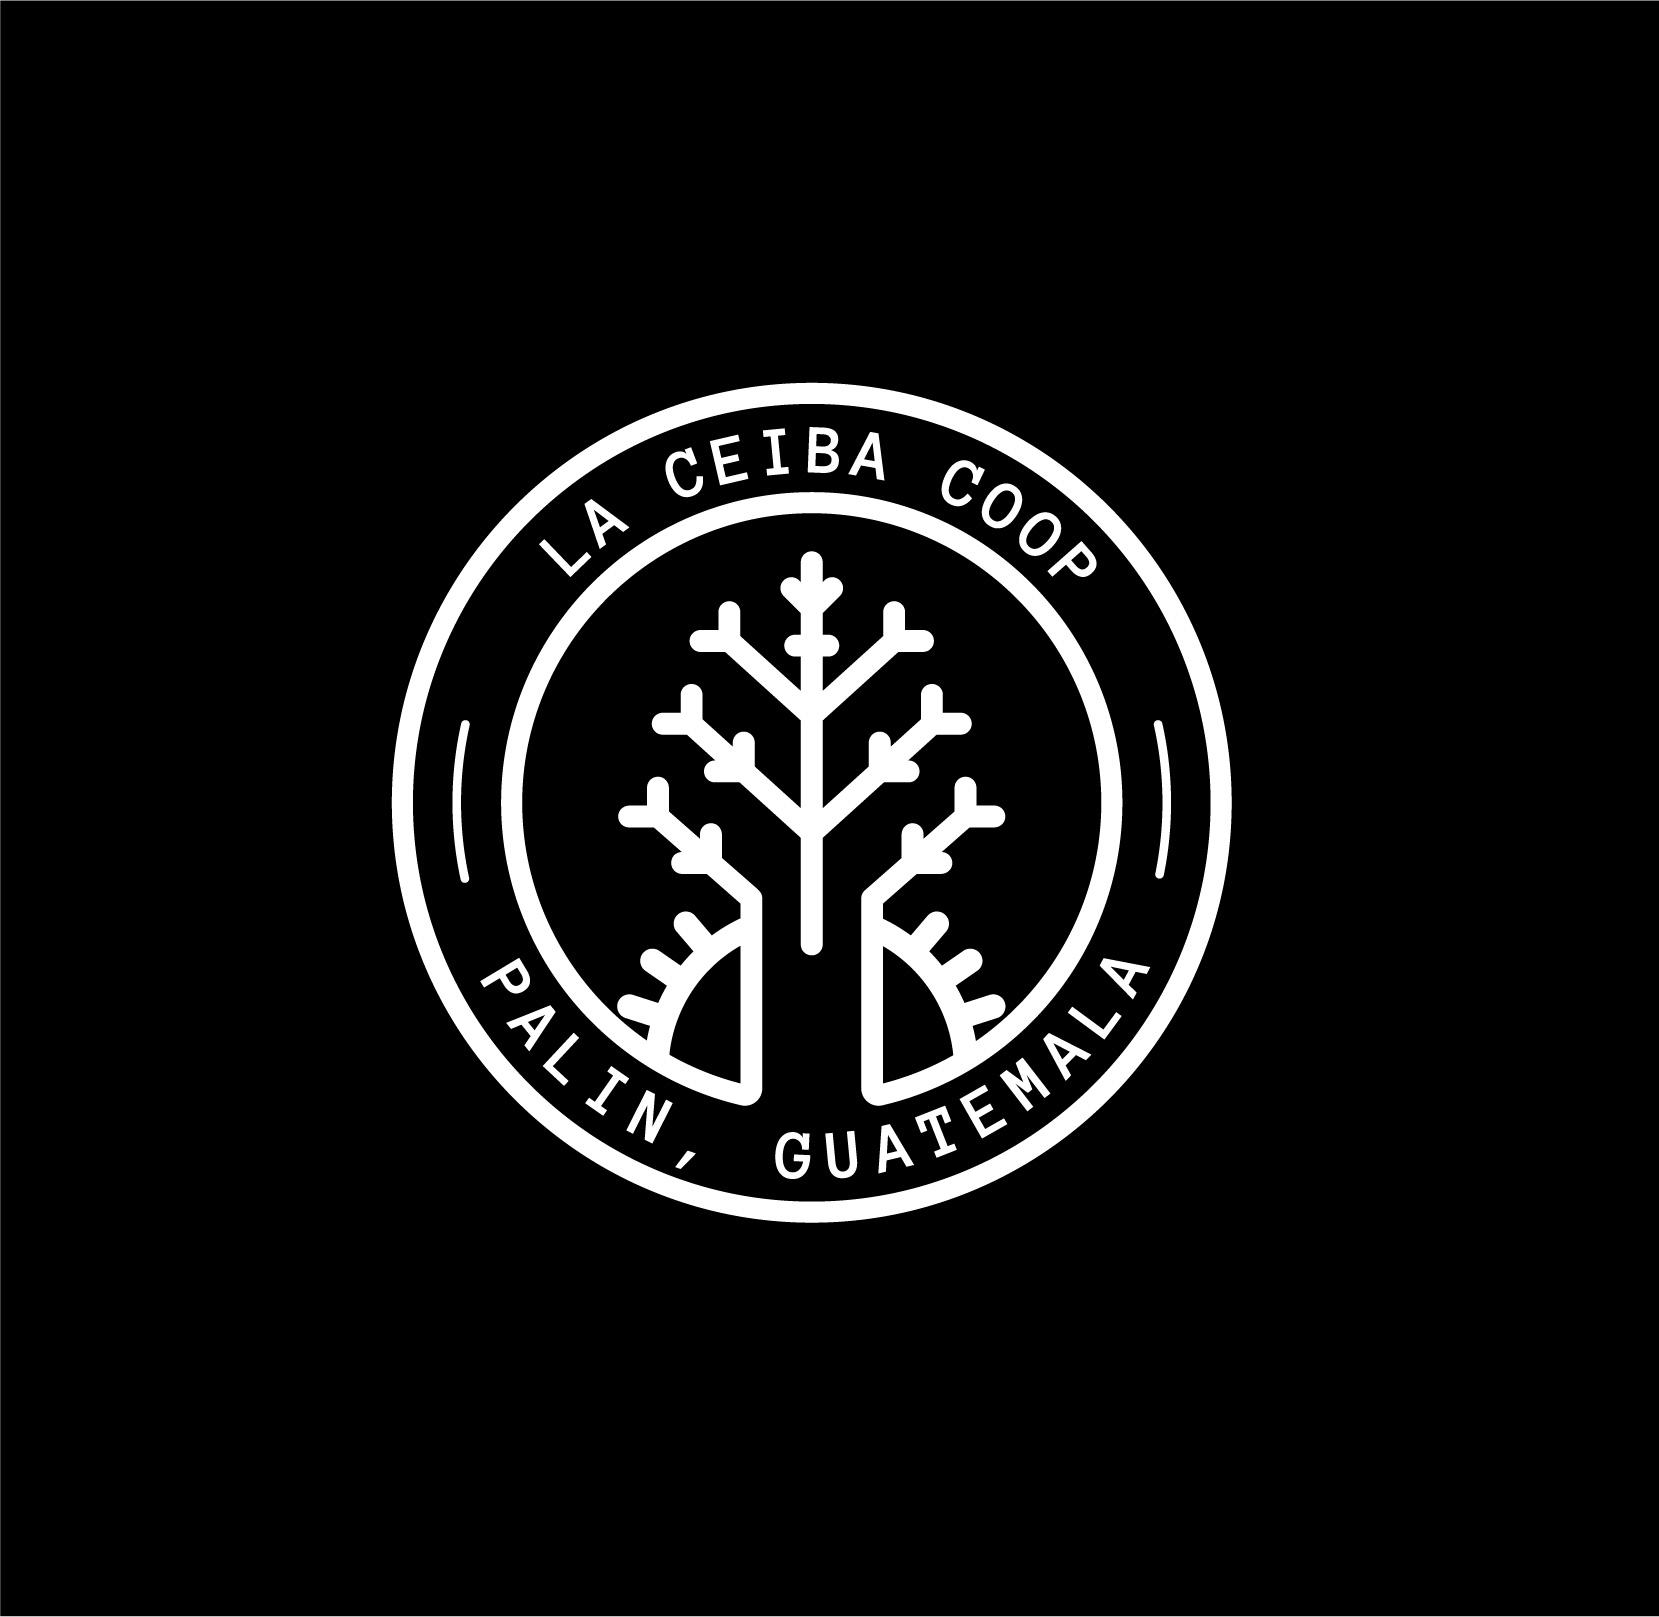 170125_LaCeiba_Logos-07.jpg